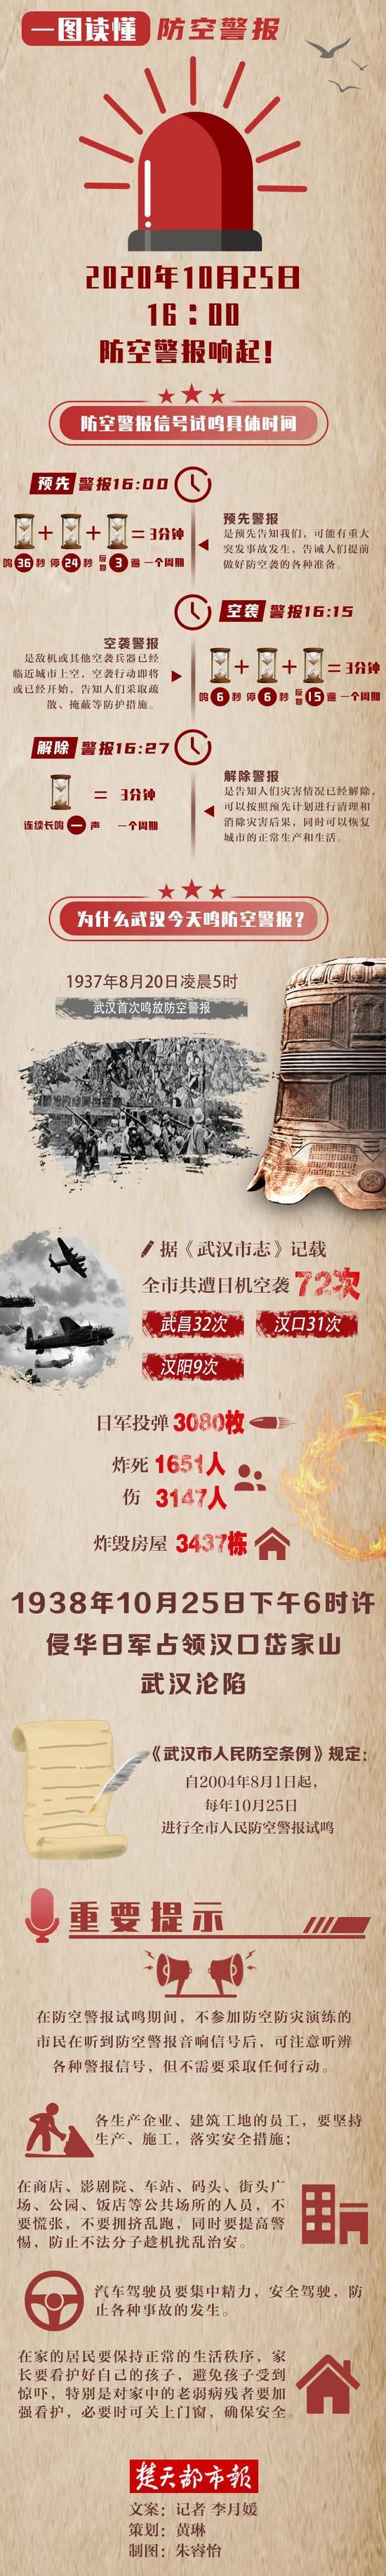 刚刚,武汉全城拉响警报!图片